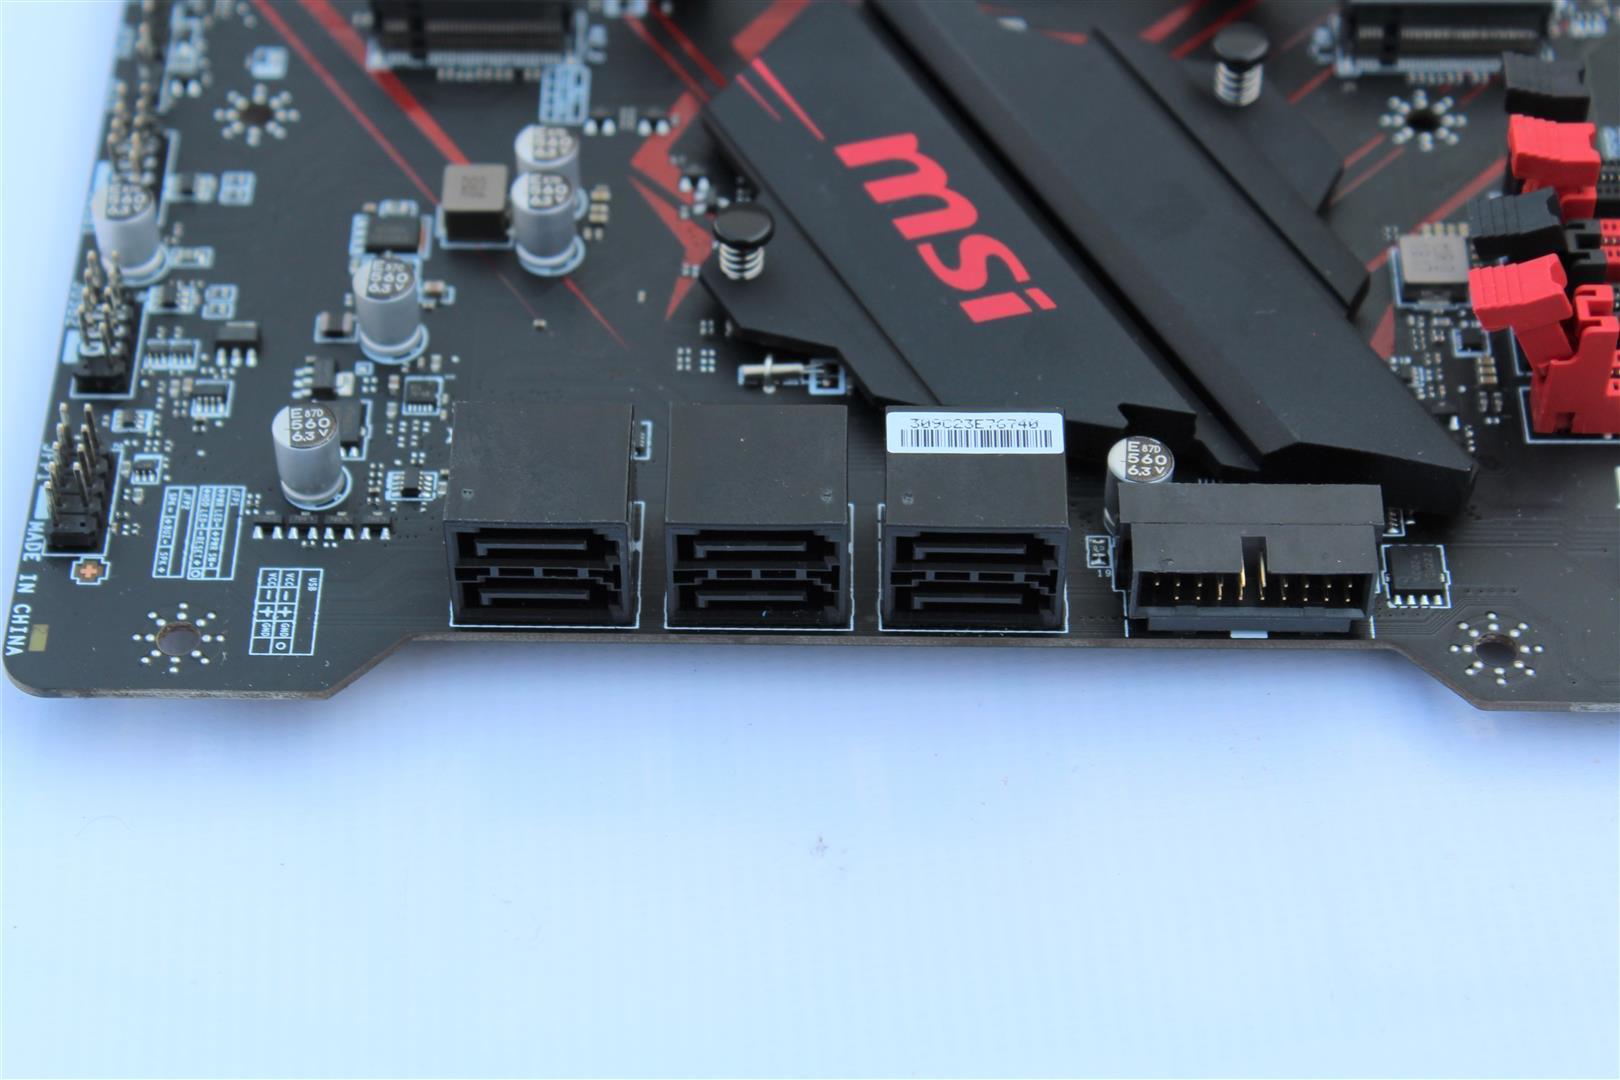 MSI Z390 GAMING PLUS Motherboard Review - PC TeK REVIEWS